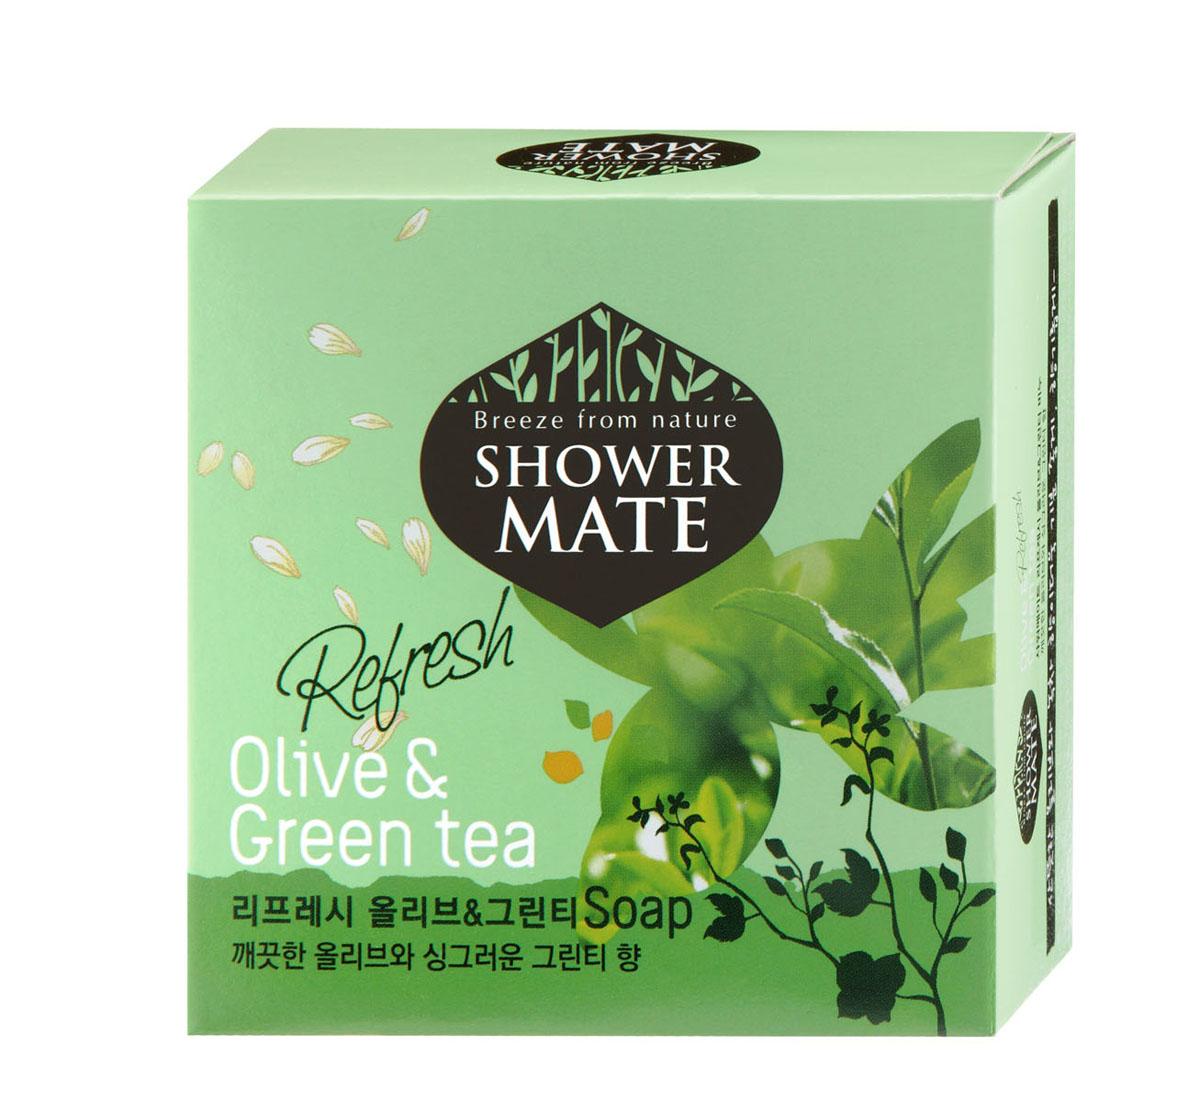 Shower Mate Мыло косметическое Оливки и зеленый чай, 100 г shower mate мыло косметическое оливки и зеленый чай 100 г